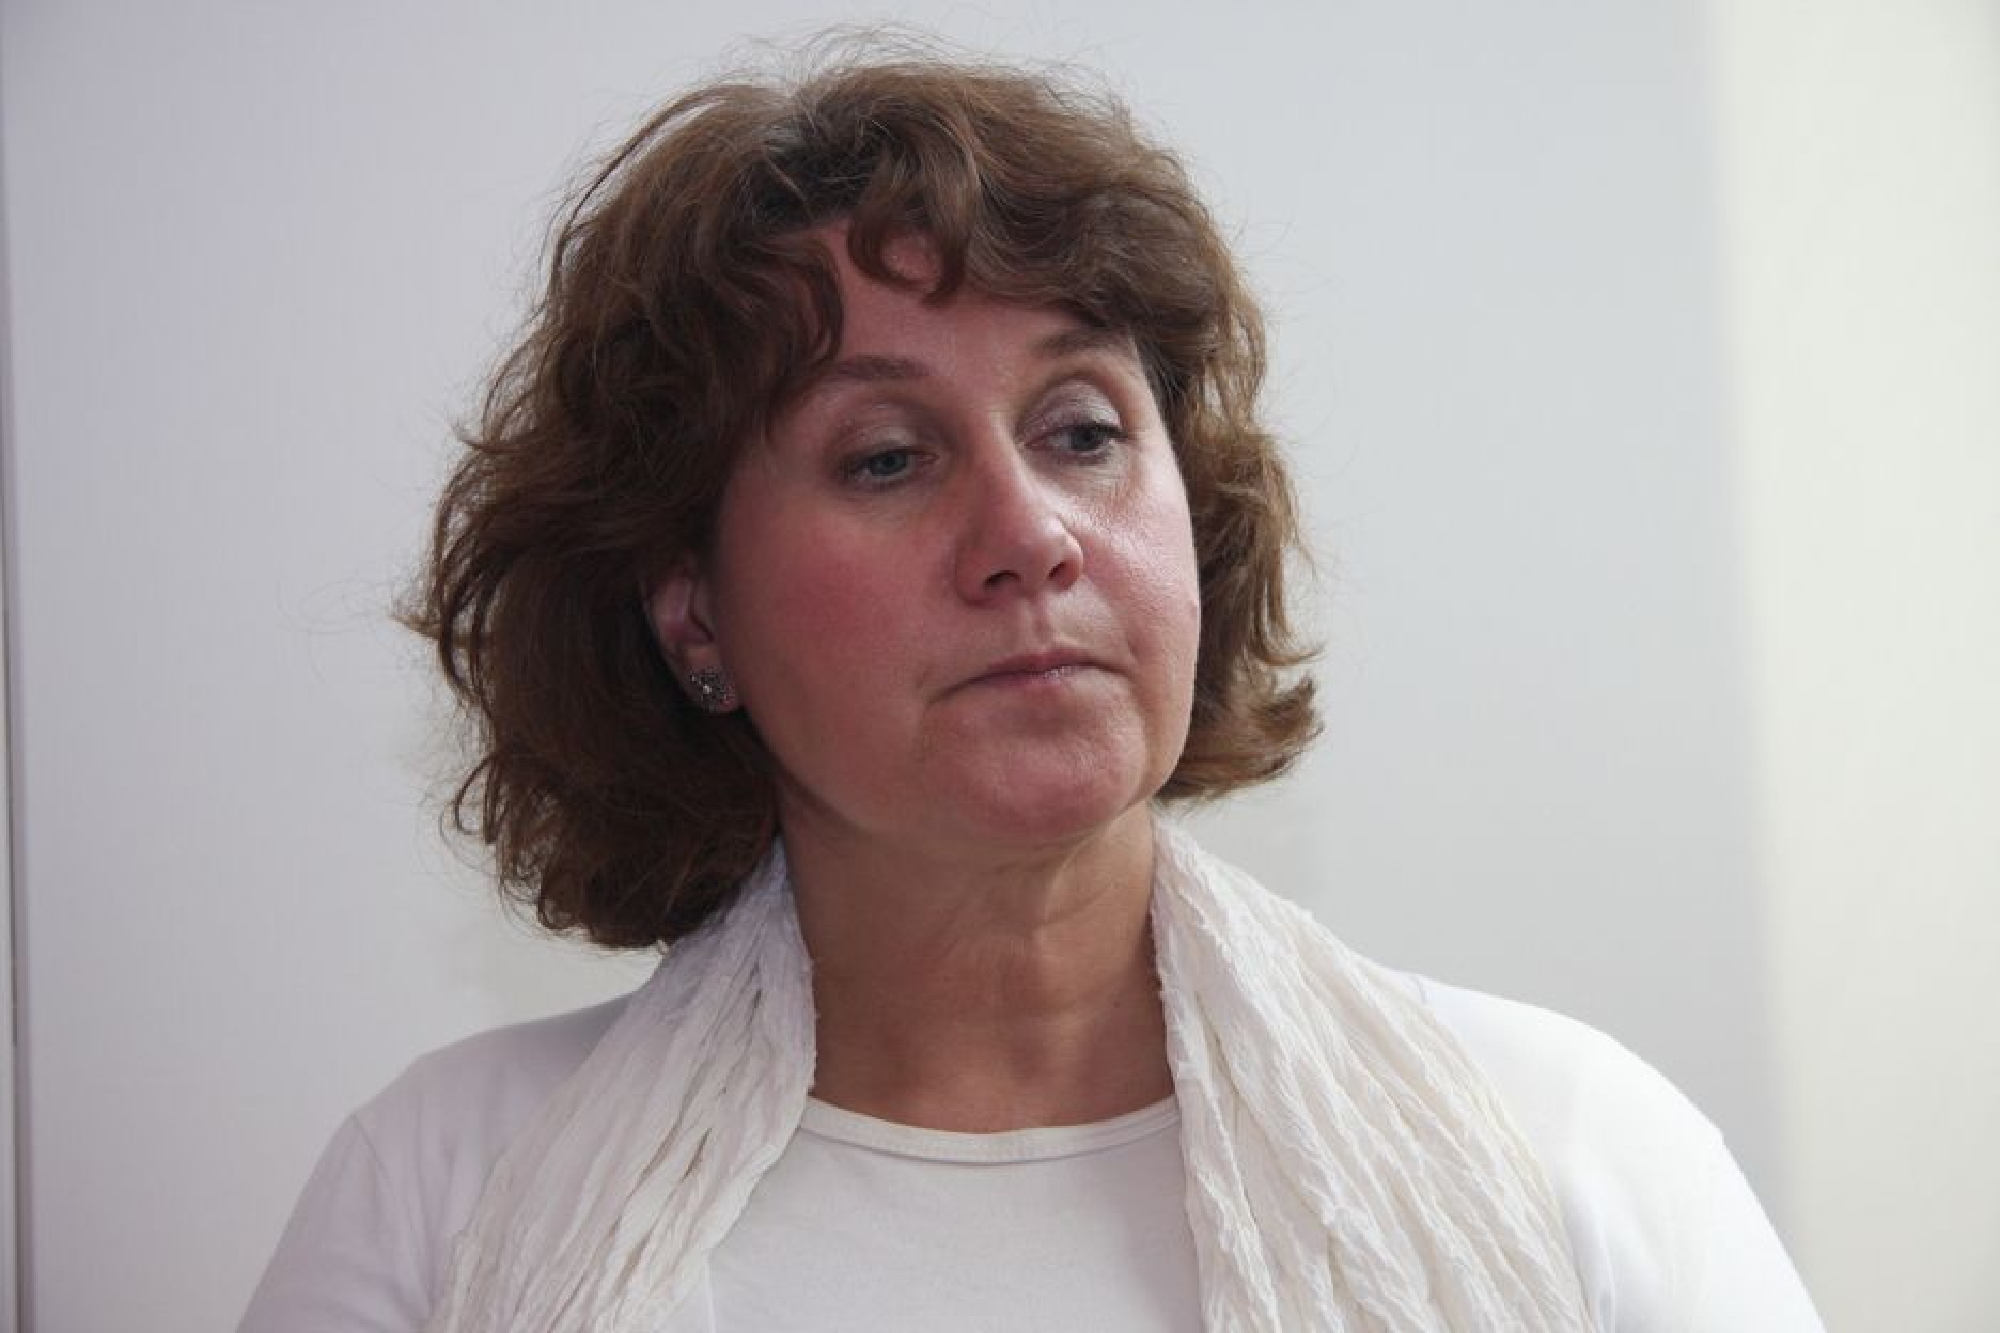 SKUFFET: - Vi ser på dette som en invitt til å få til utformet en løsning, sier Hedi Juhler, som ikke har gitt opp kampen.